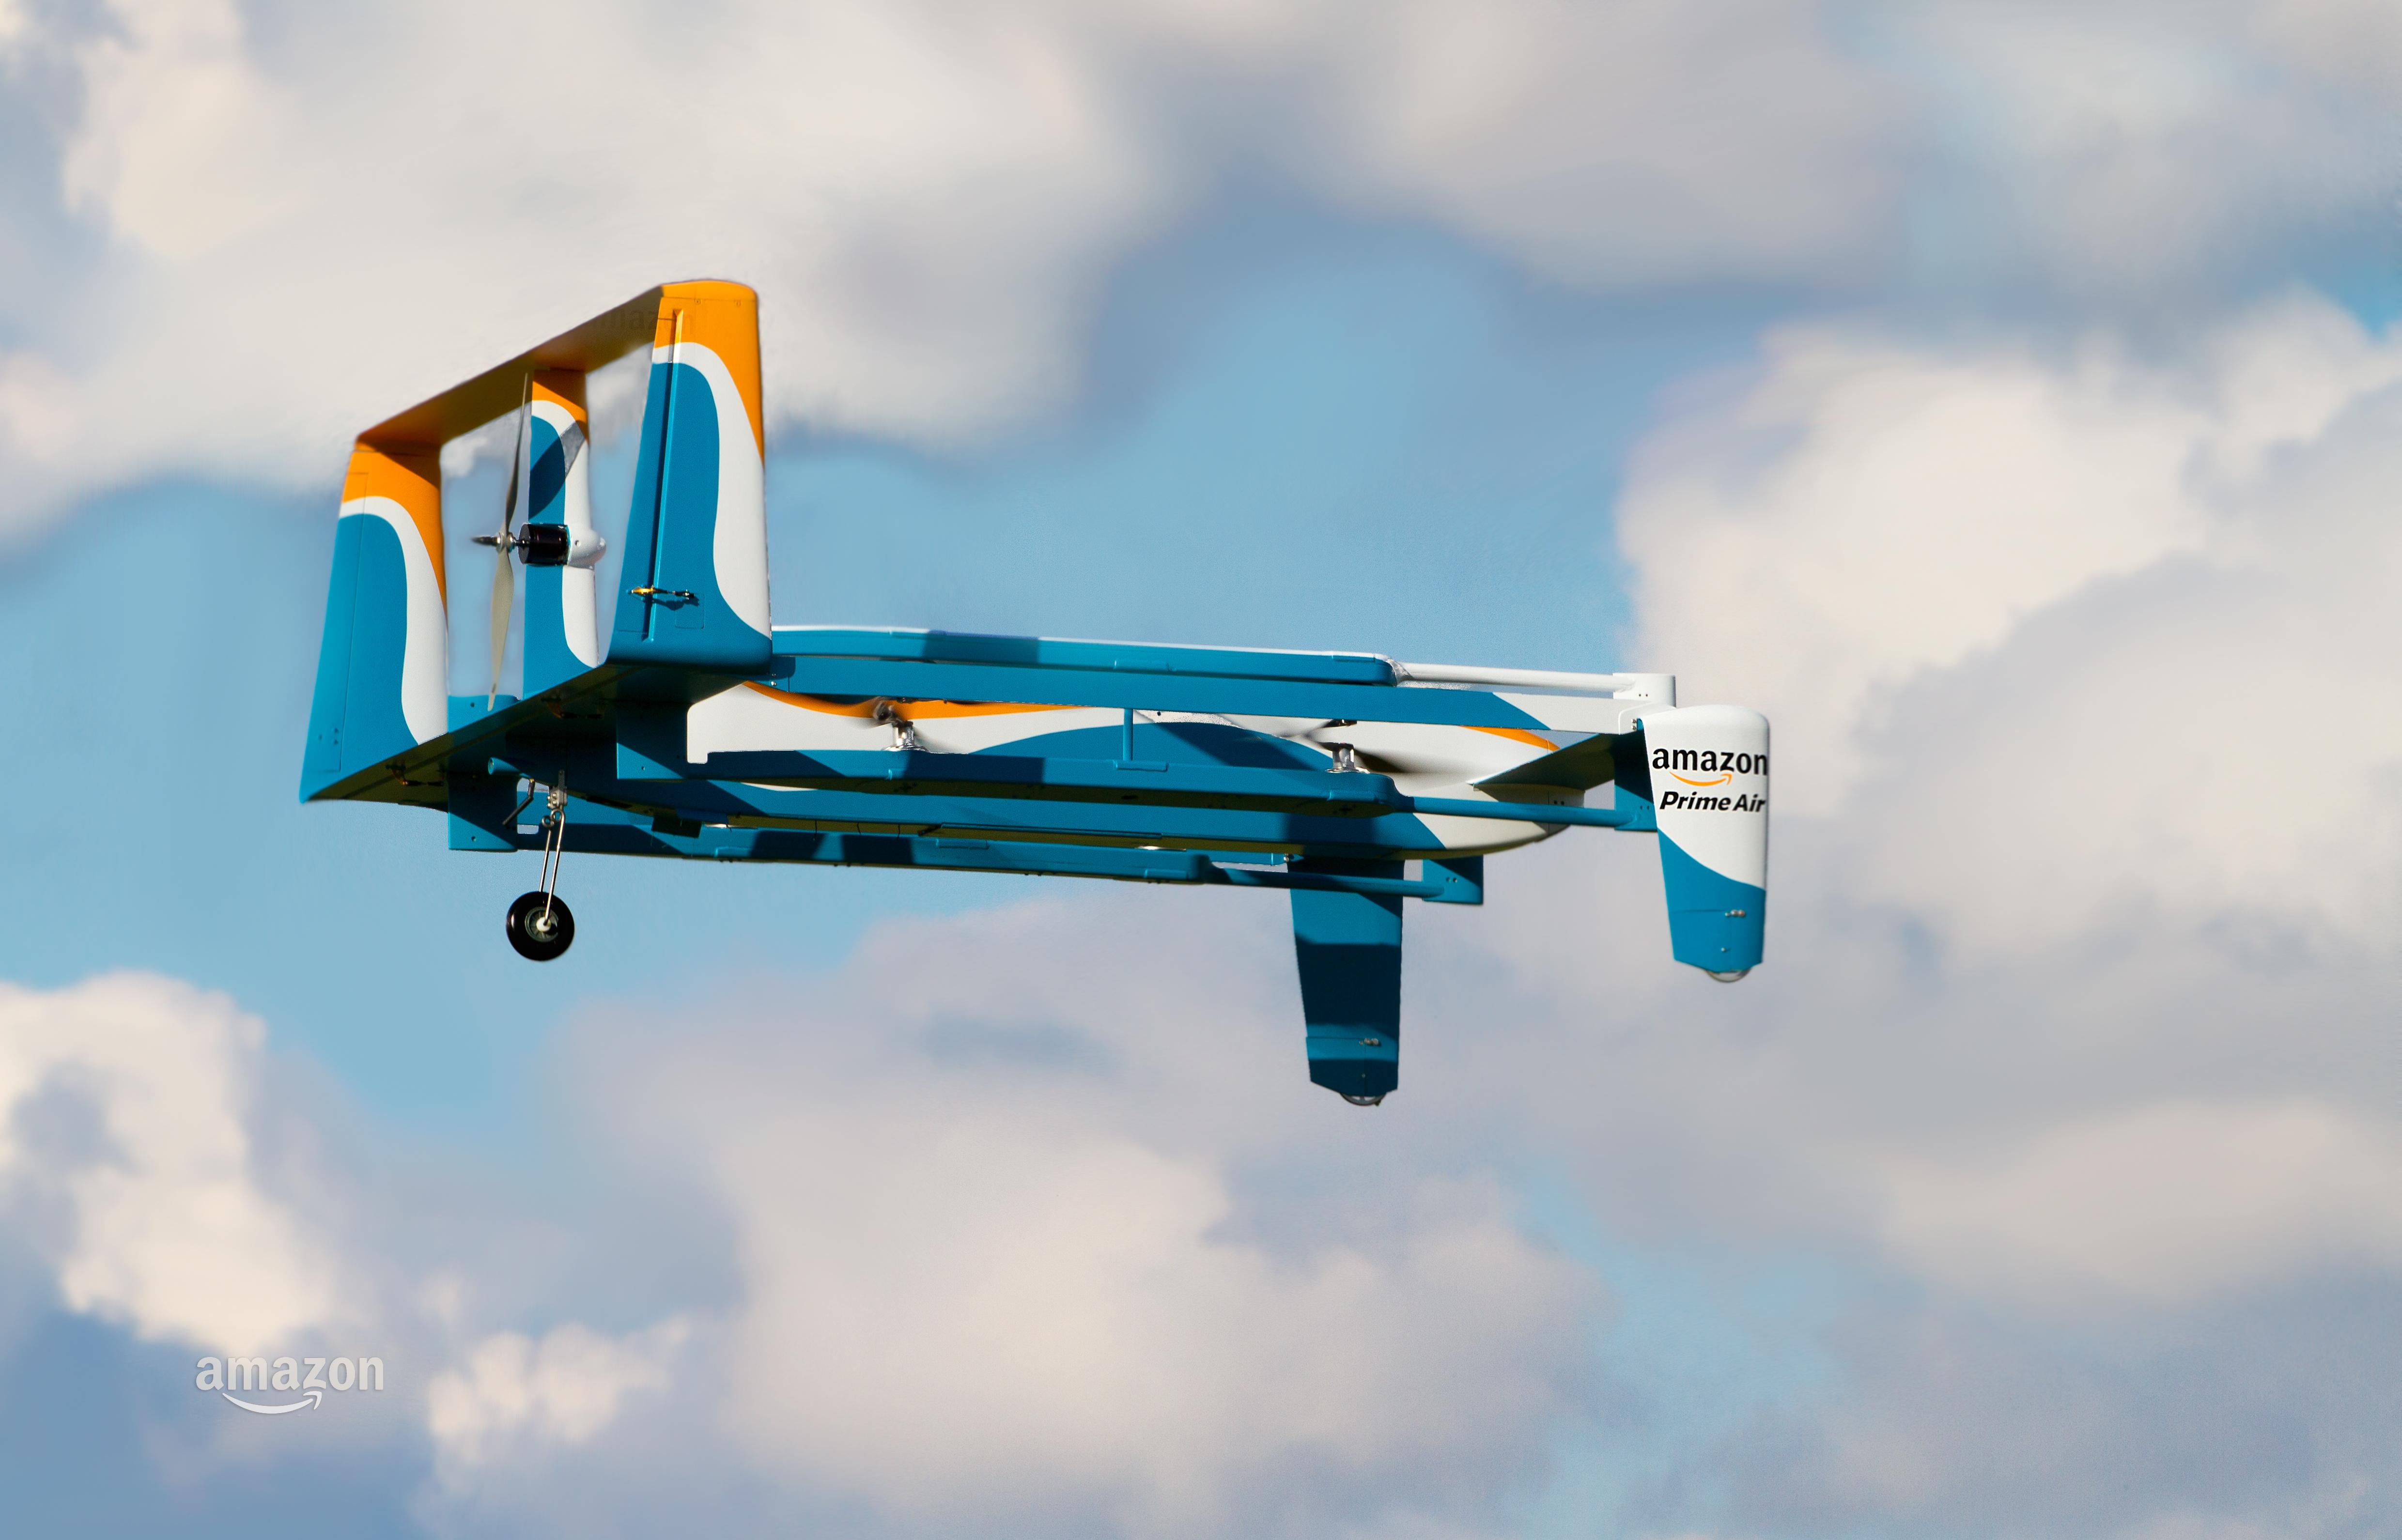 Primer vistazo al nuevo dron de Amazon Prime Air